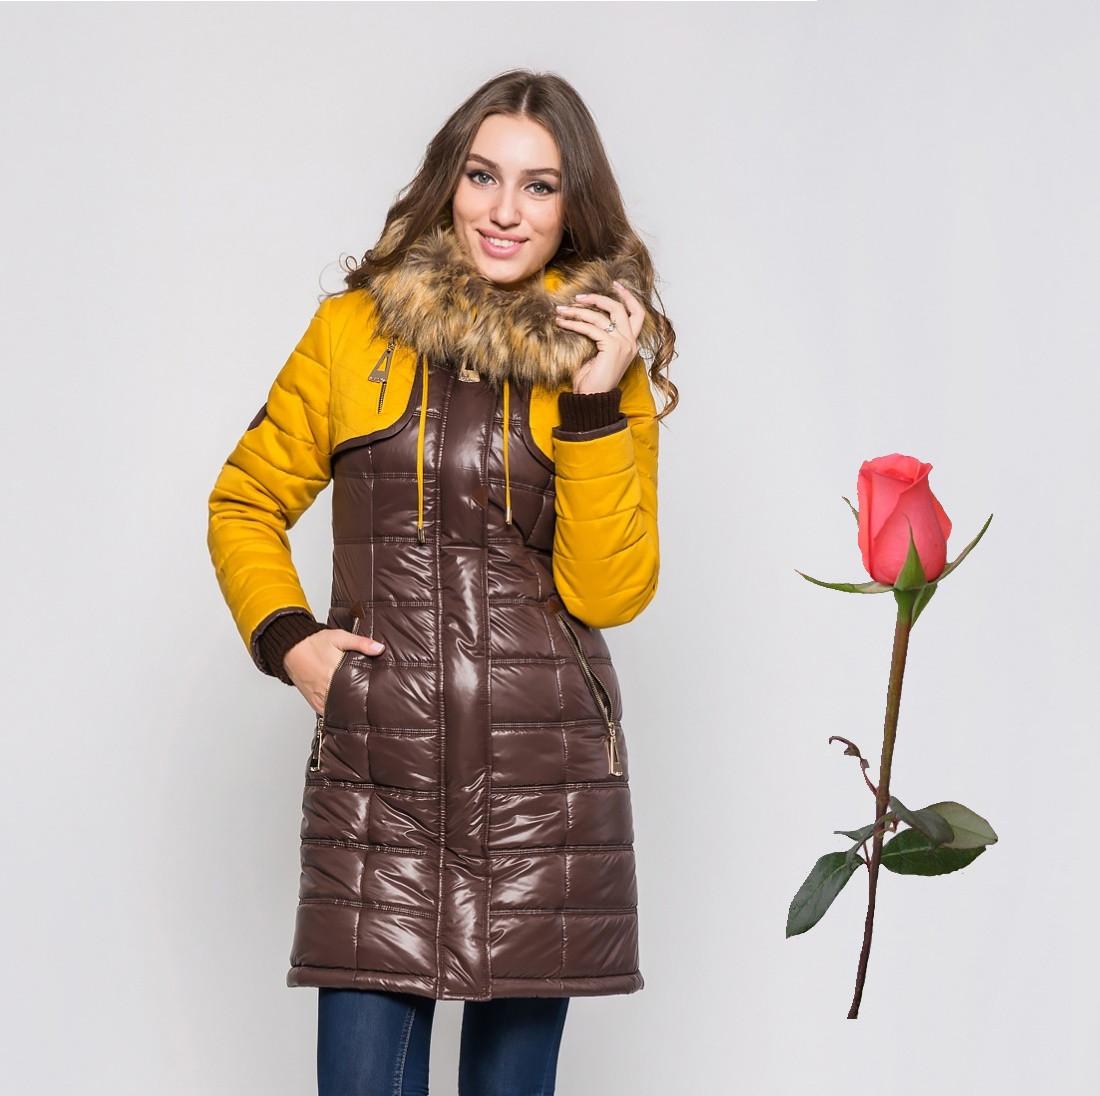 Зимняя женская одежда купить в россии